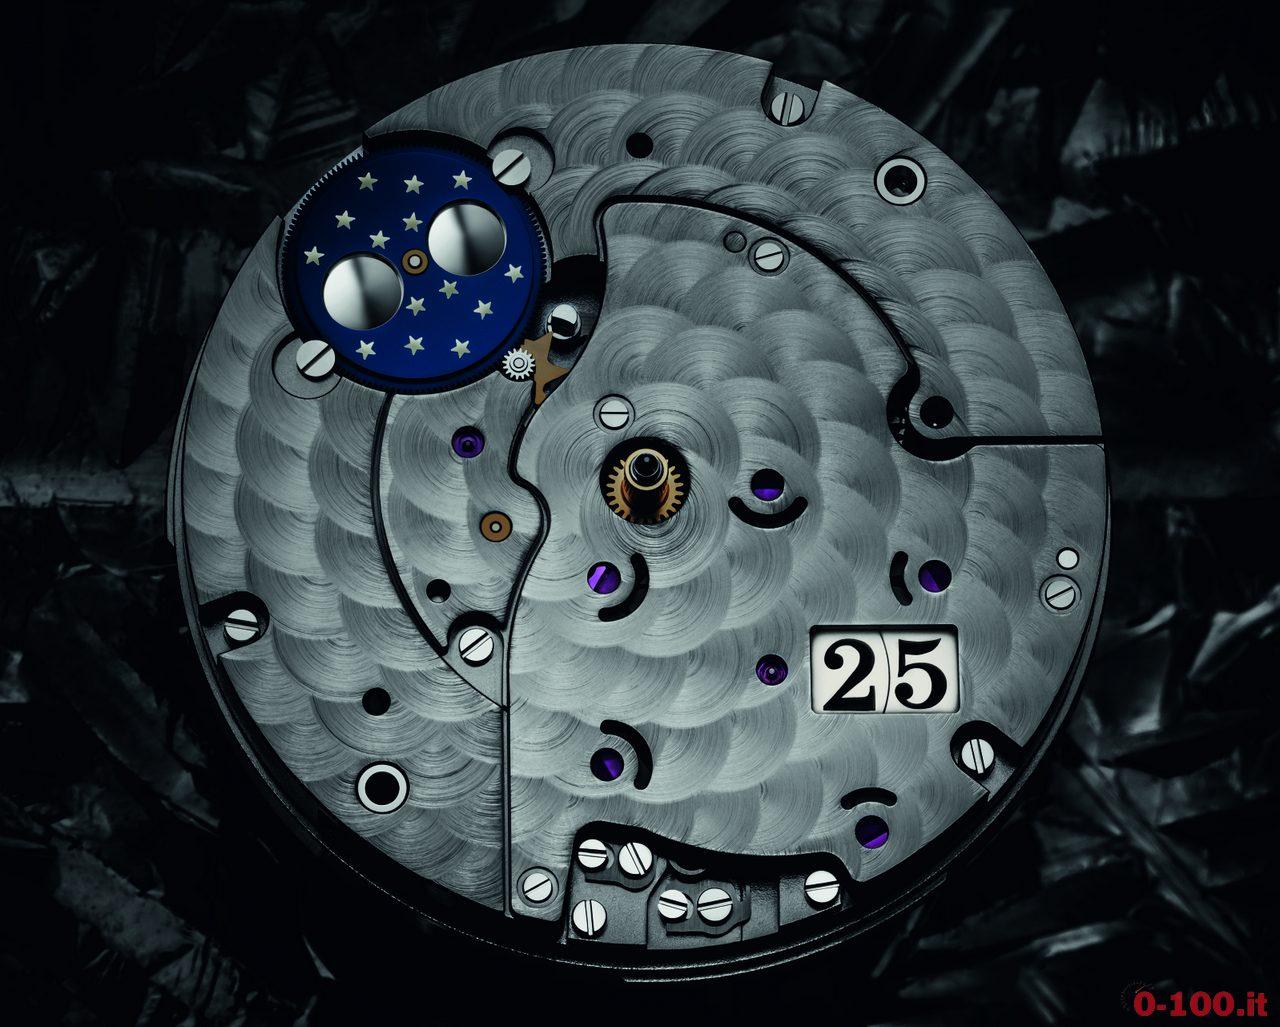 glashutte-original-senator-excellence-data-panoramica-moon-phase-prezzo-price_0-10012